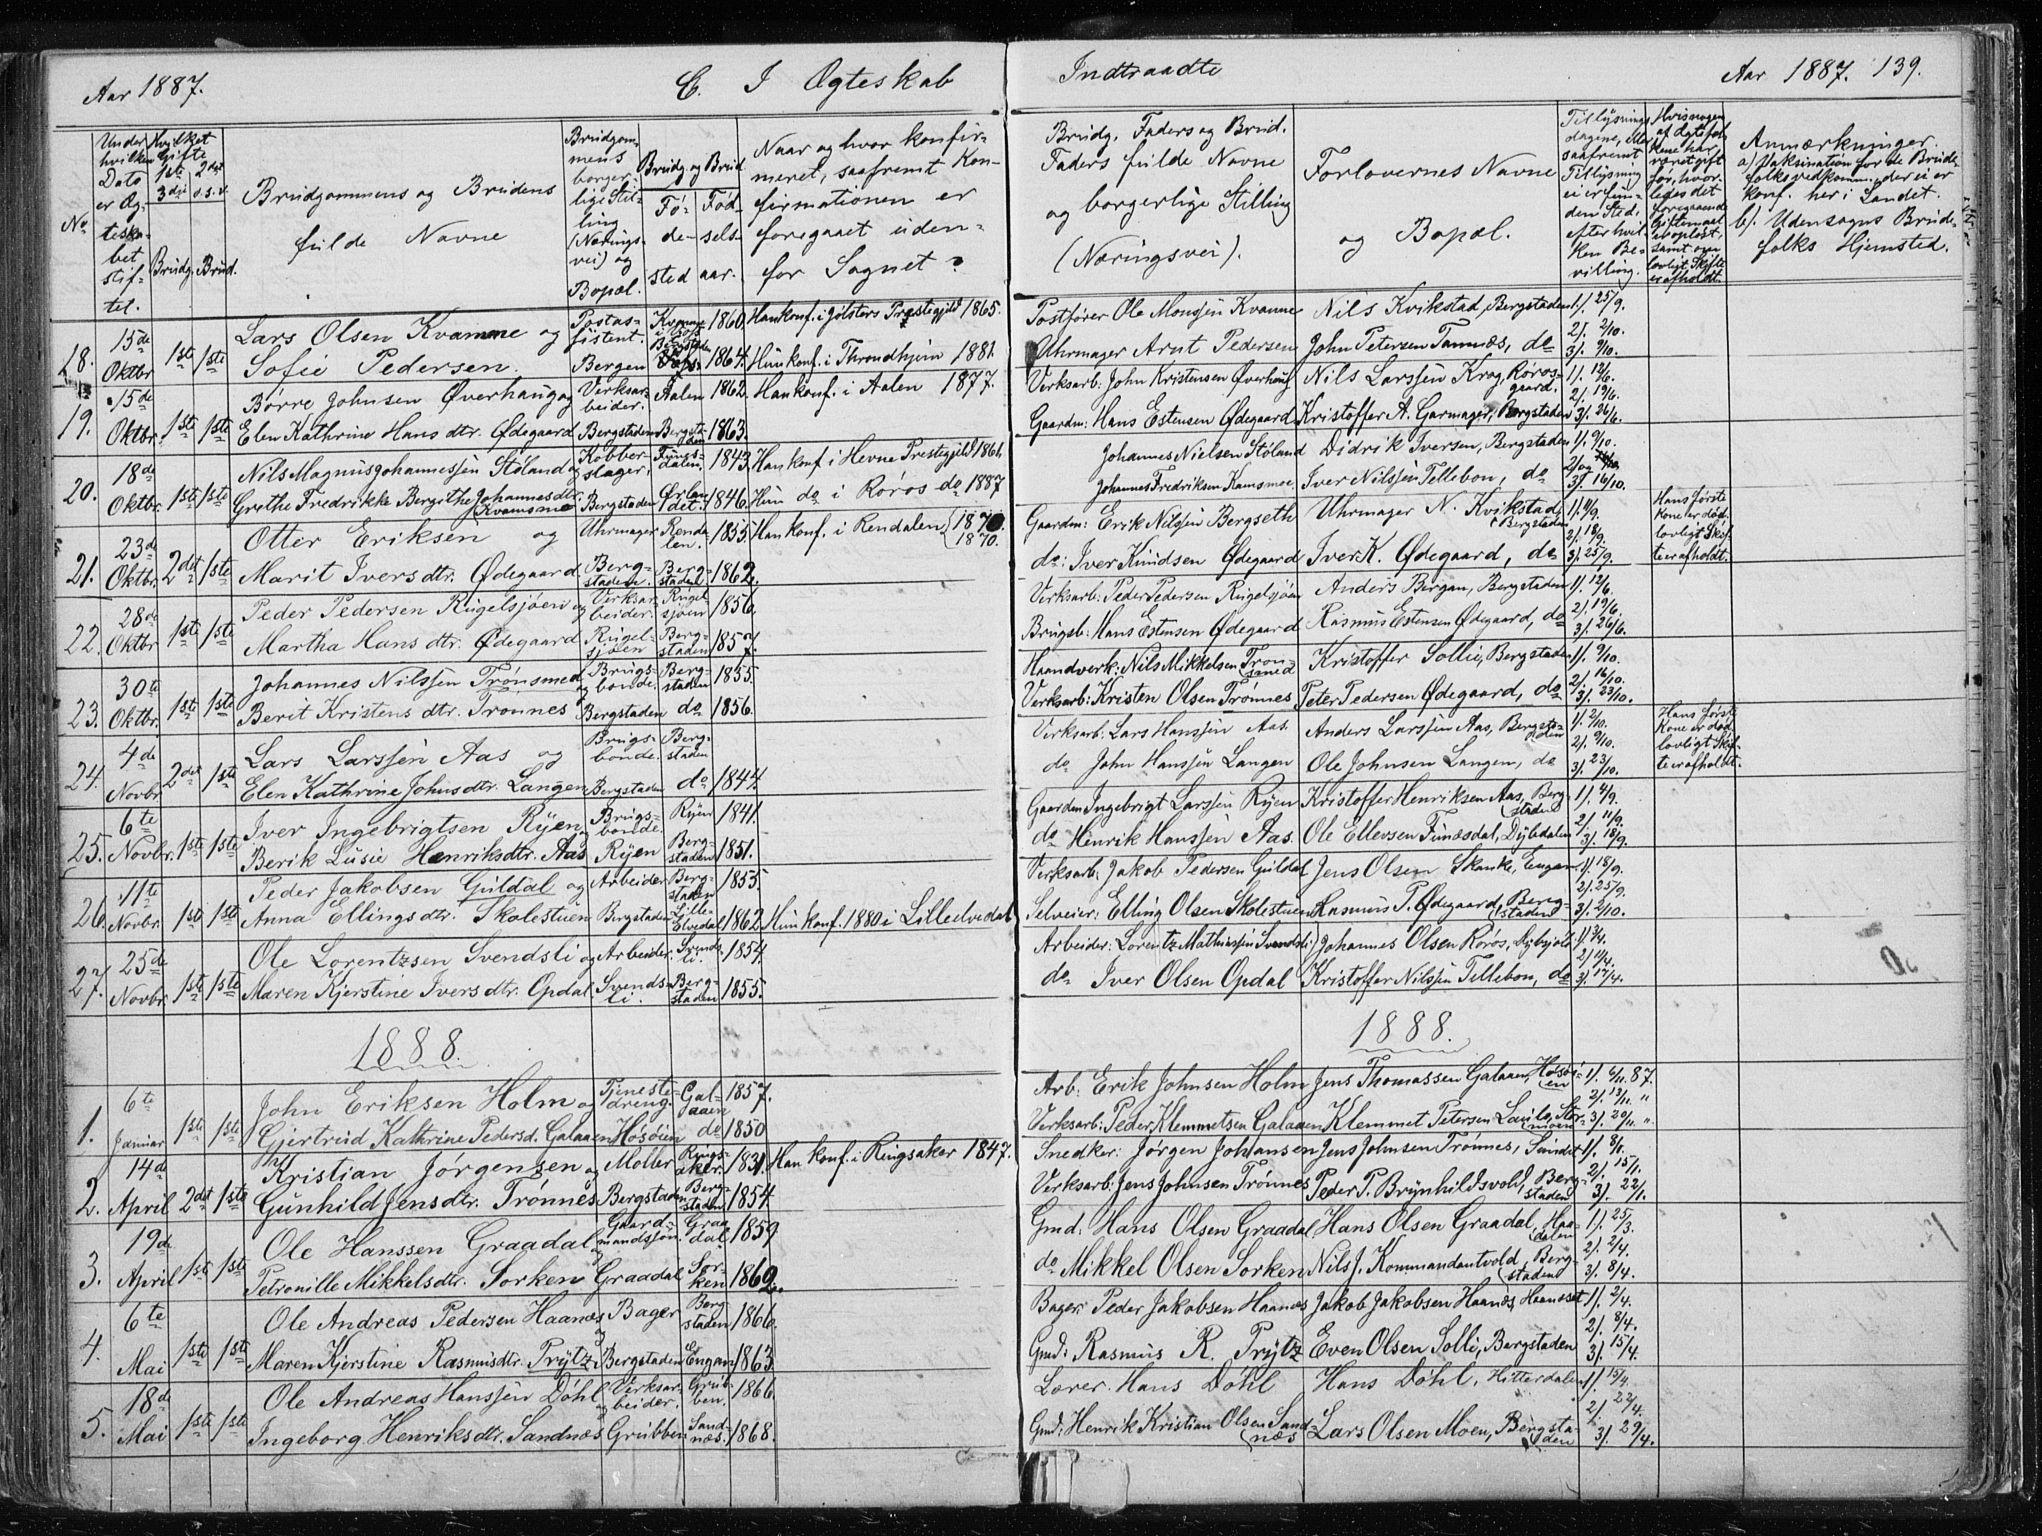 SAT, Ministerialprotokoller, klokkerbøker og fødselsregistre - Sør-Trøndelag, 681/L0940: Klokkerbok nr. 681C04, 1880-1895, s. 139